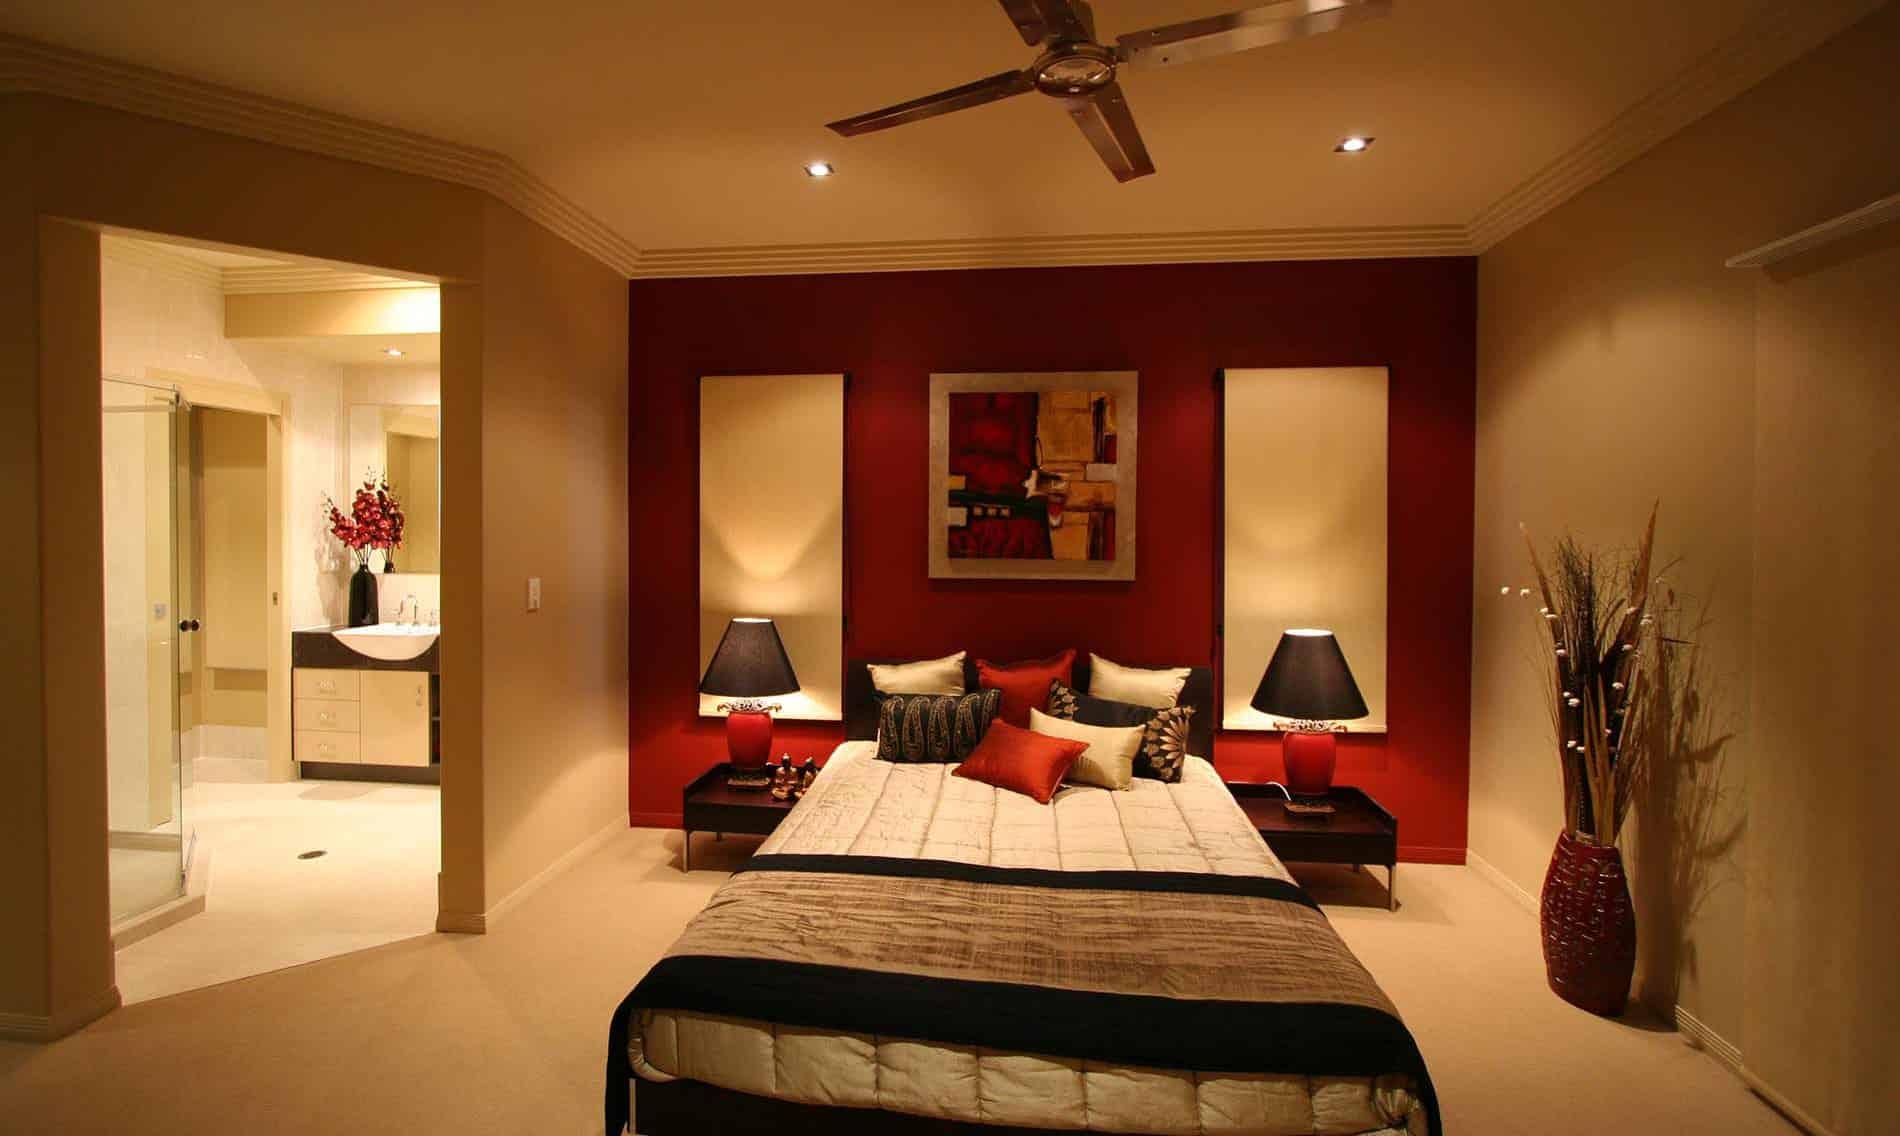 Atlantis Bedroom - Atlantis custom-built home in Hervey Bay